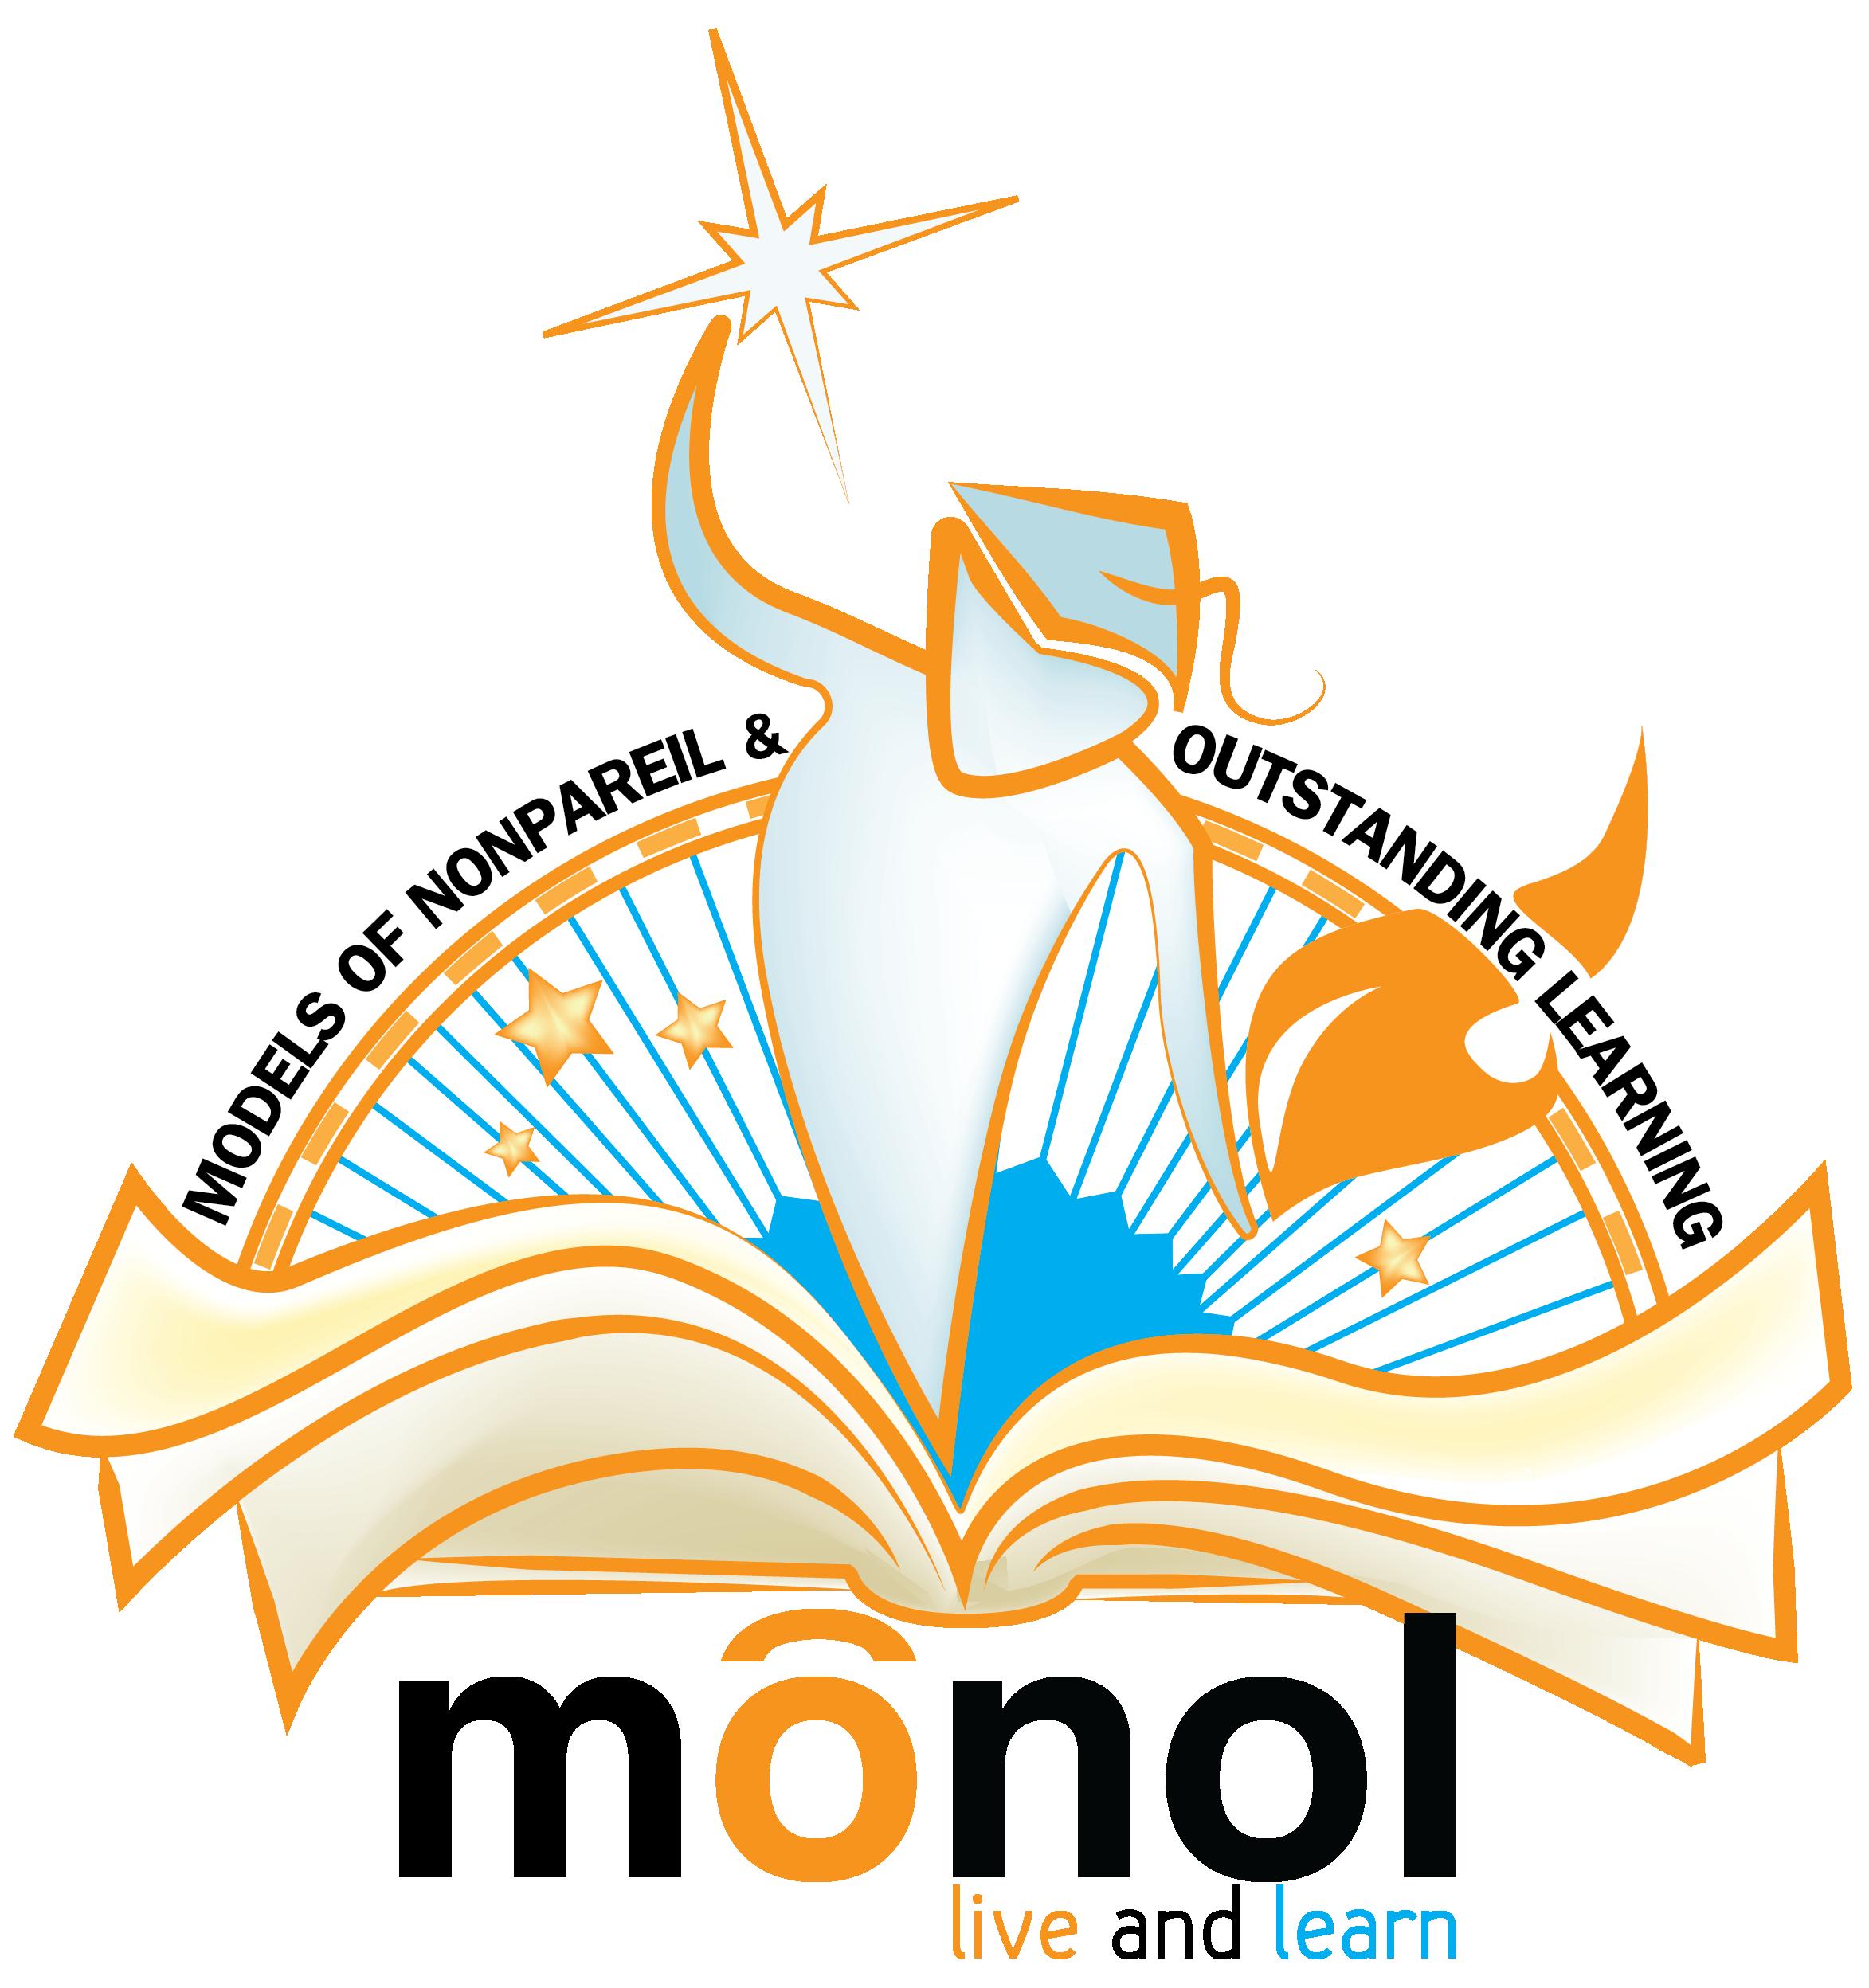 fella logo